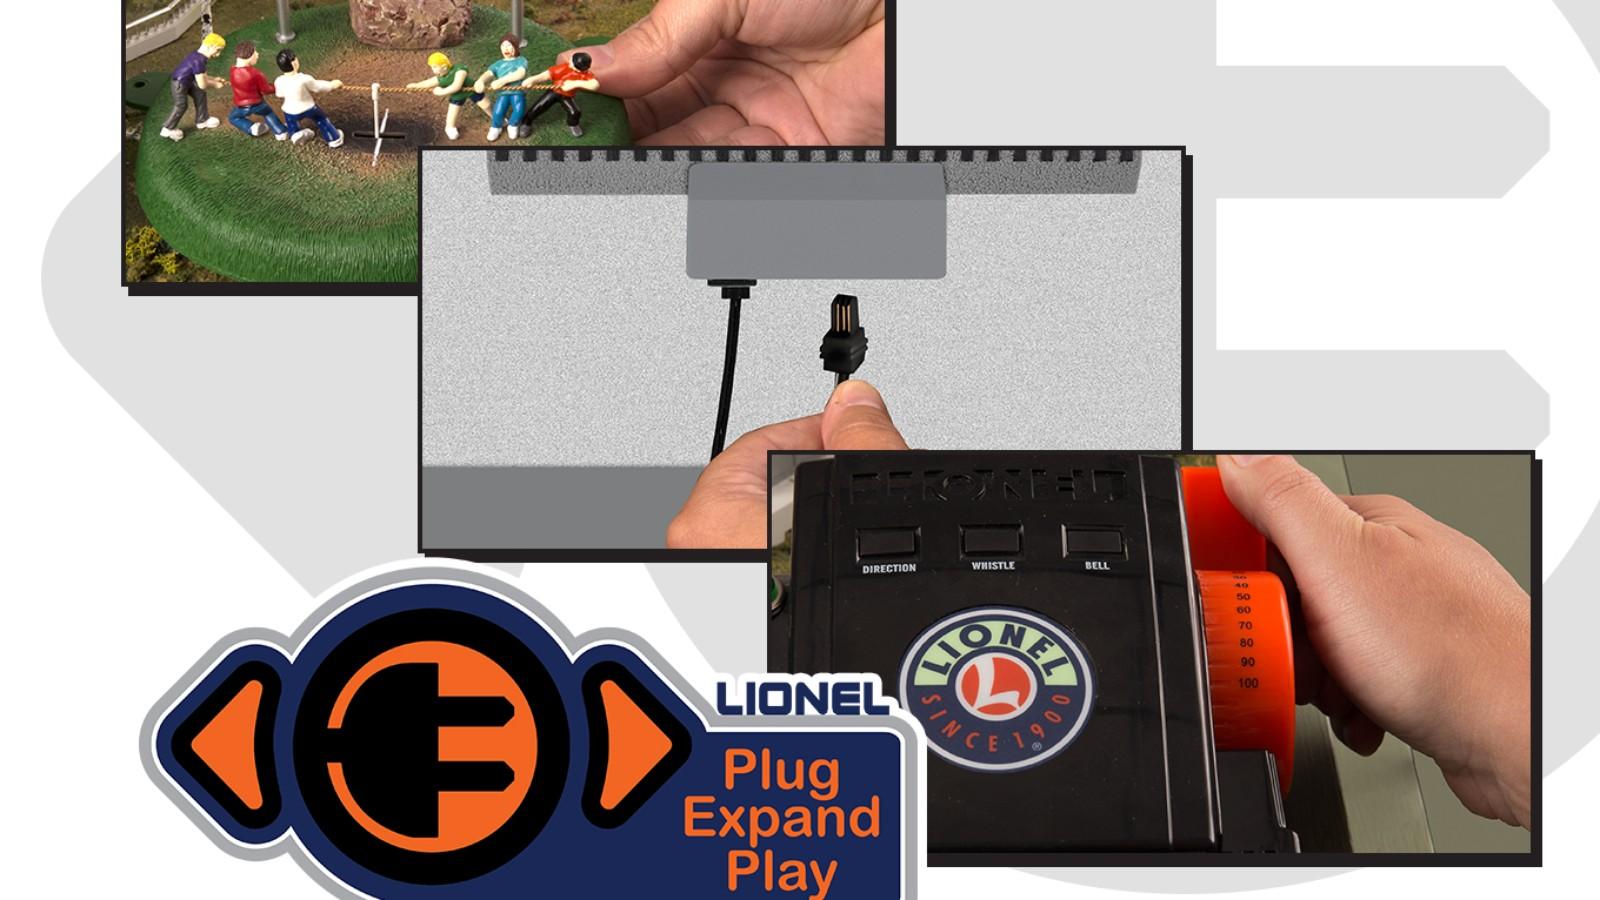 lionel train accessories parts accessories at lionel learn more